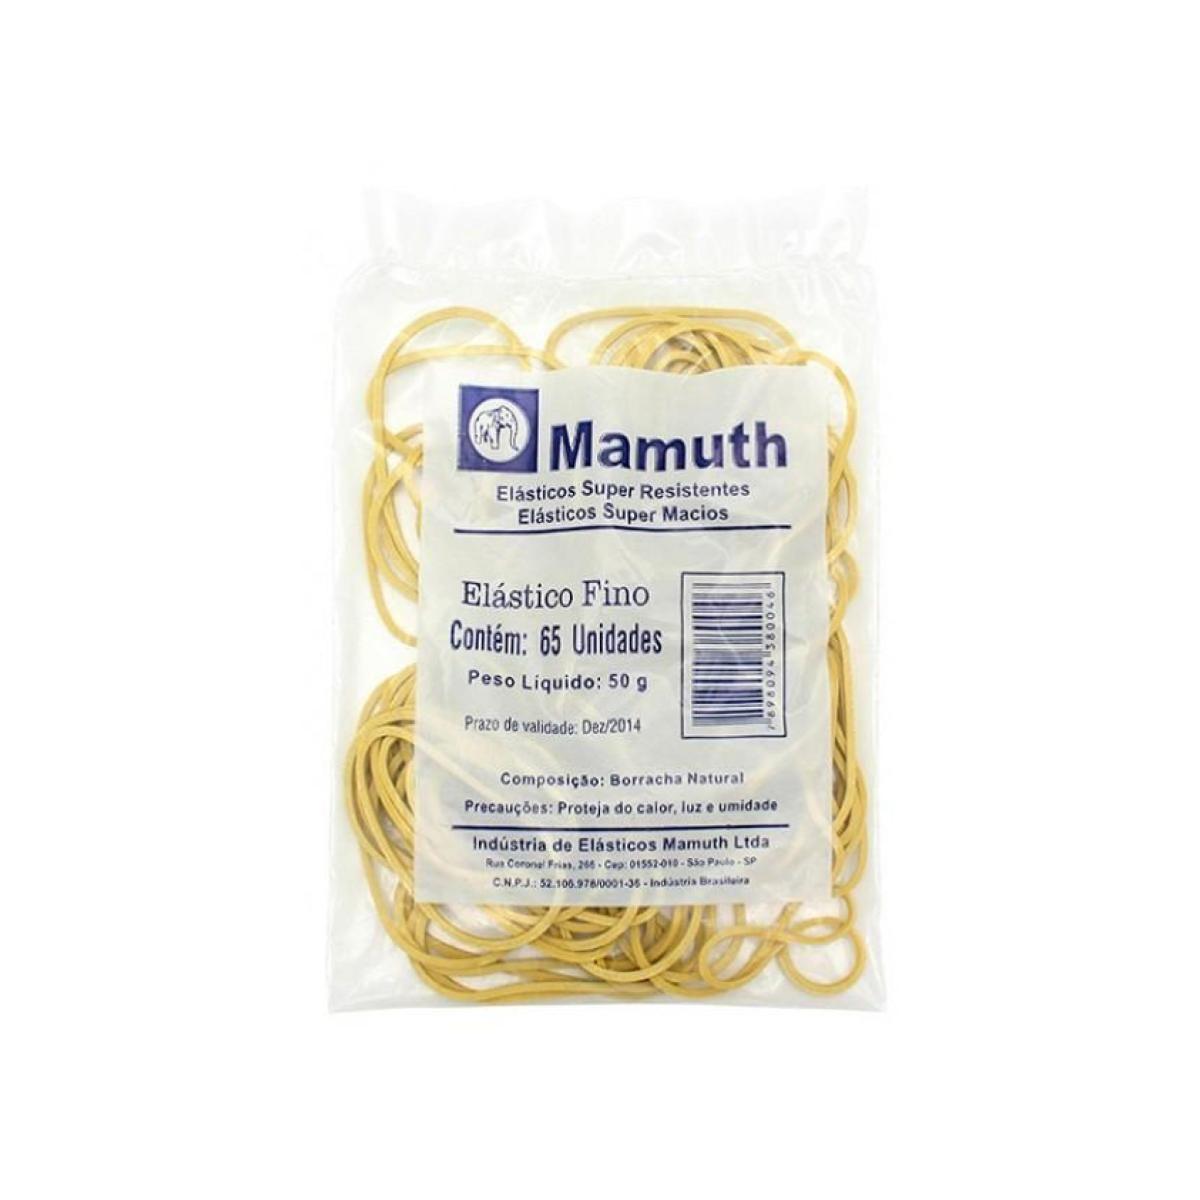 Elástico N.18 Mamuth